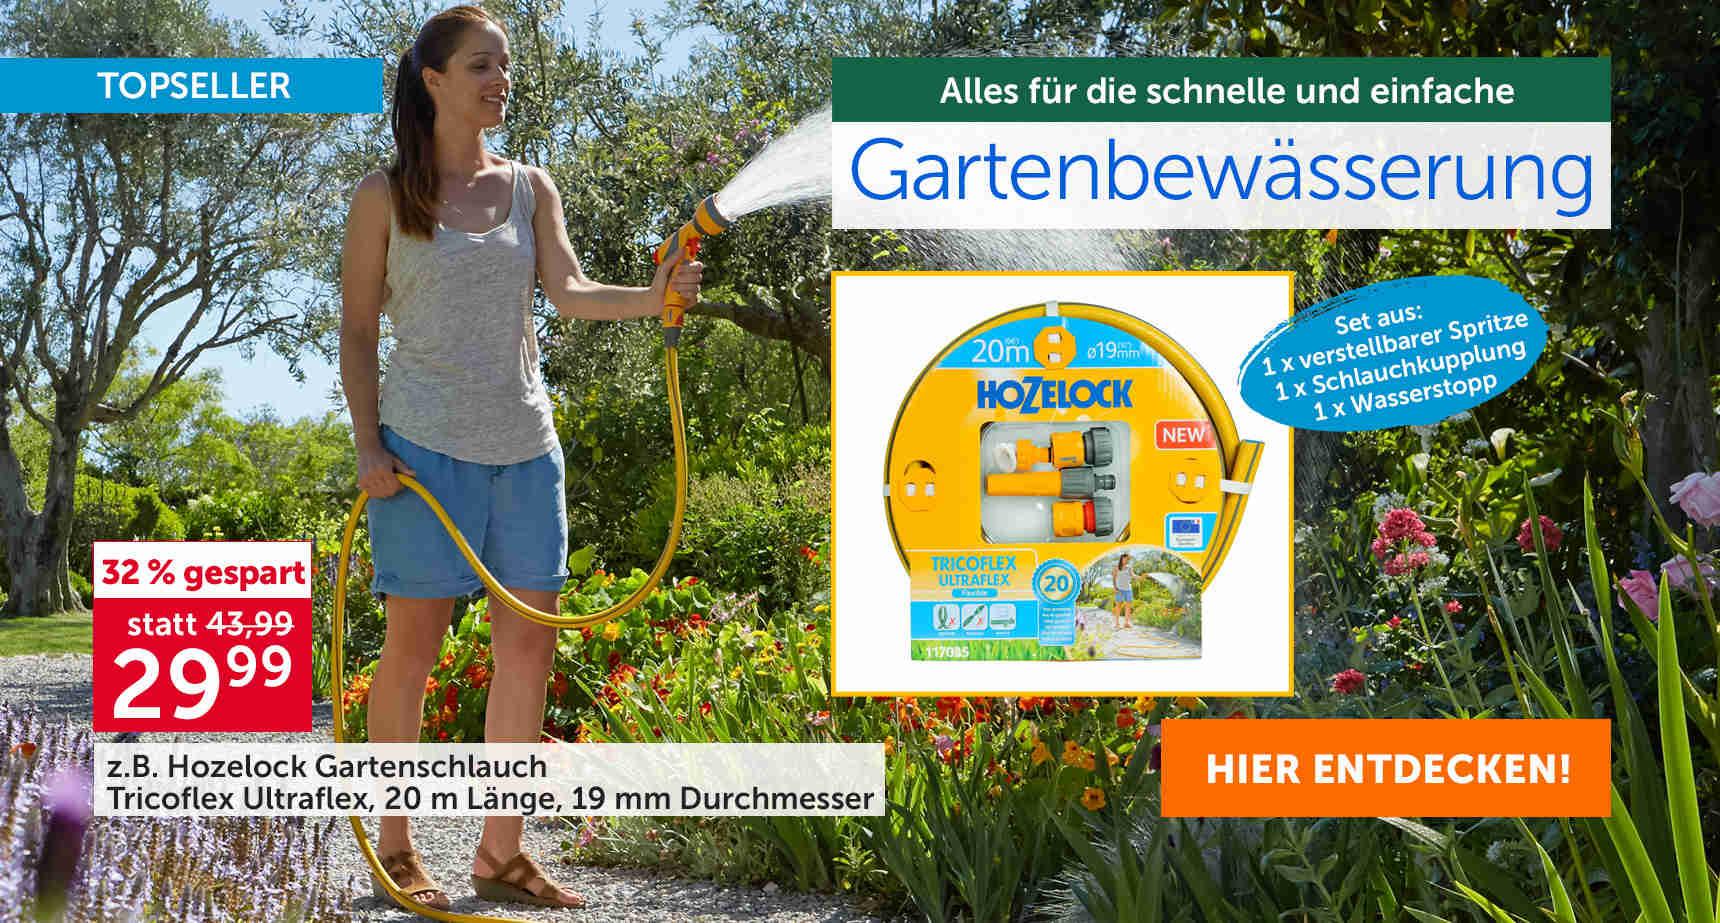 +++ (2) Gartenbewässerung +++ - 3